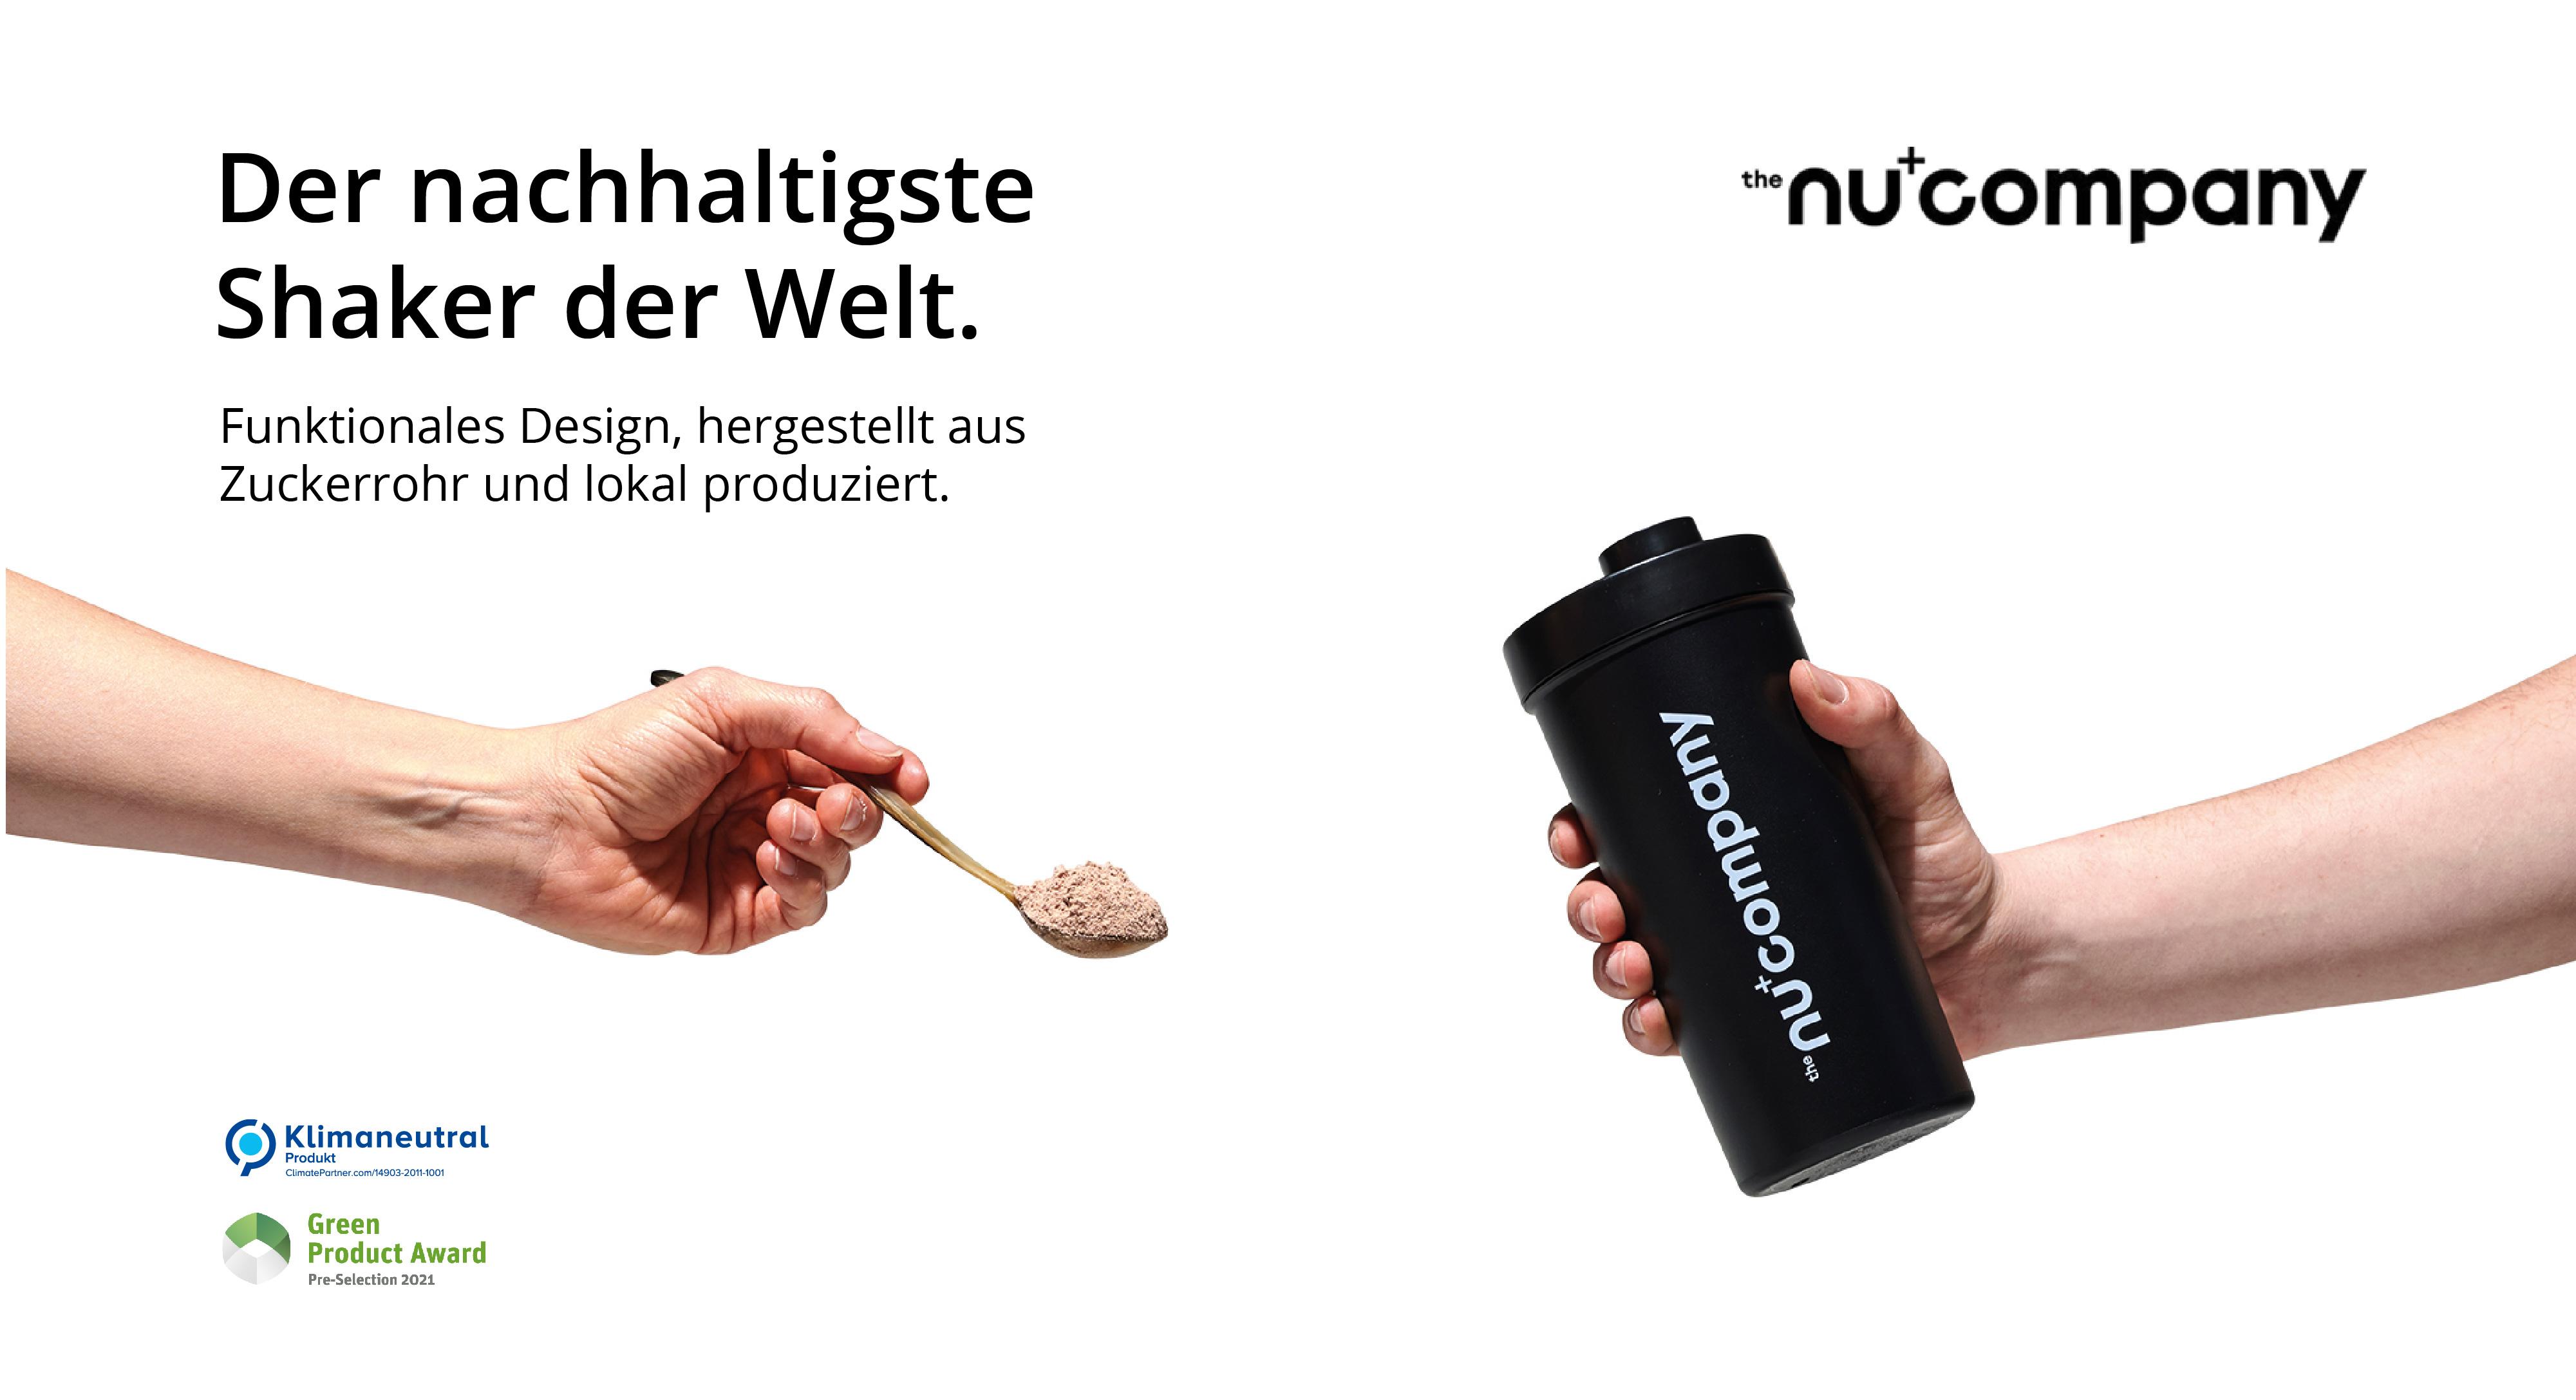 Der nachhaltigste Shaker der Welt